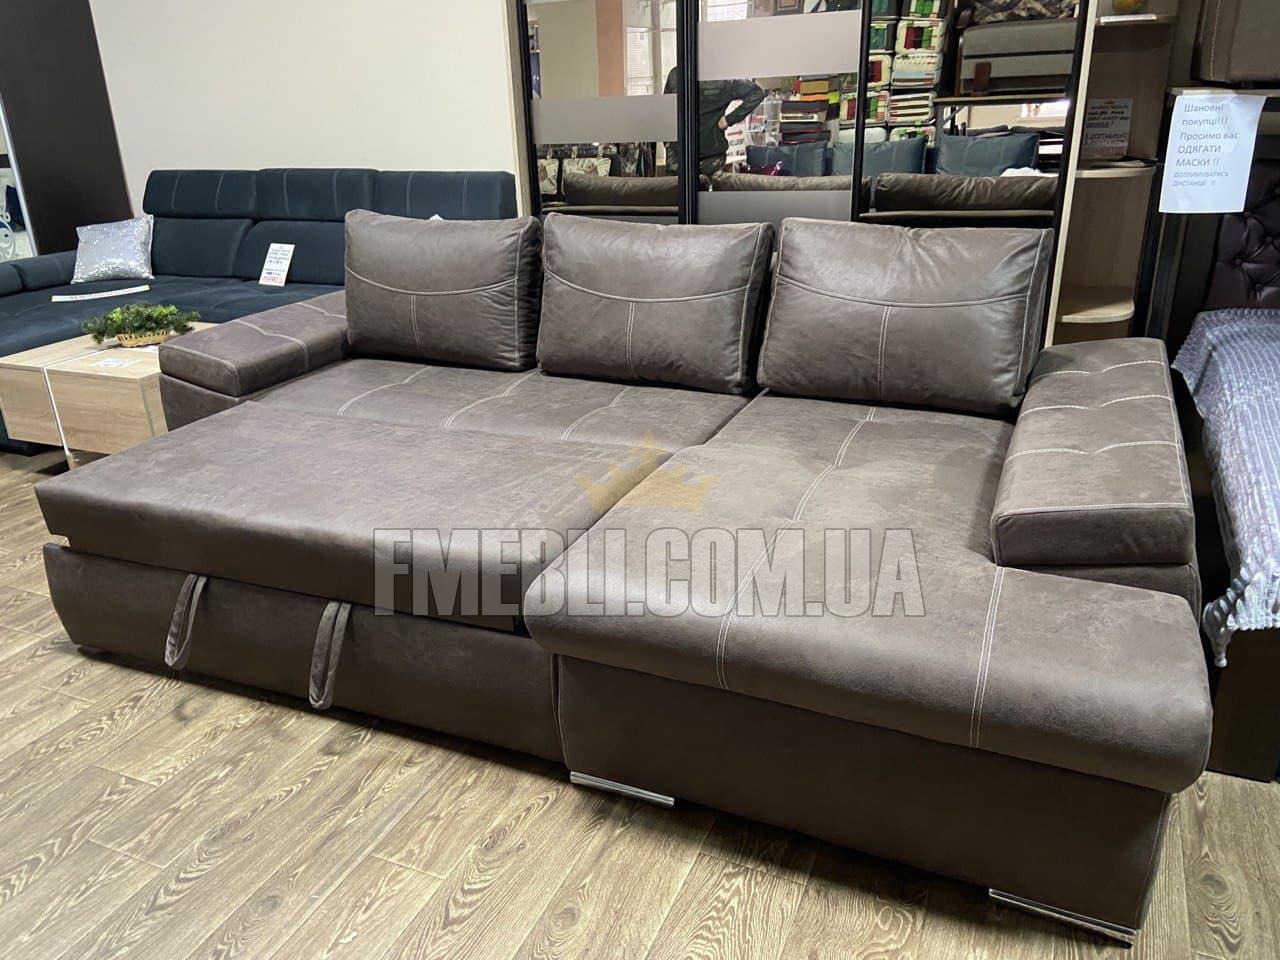 Кутовий диван Меркурій  + ВІДЕО 3